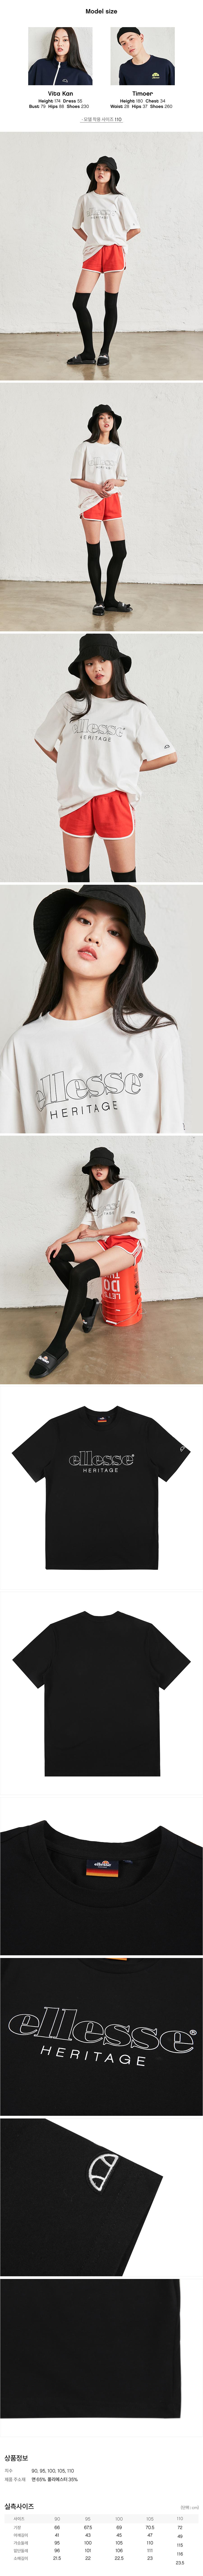 엘레쎄(ELLESSE) 엘레쎄 아웃라인 로고 반팔 티셔츠 (블랙)EJ2UHTR331